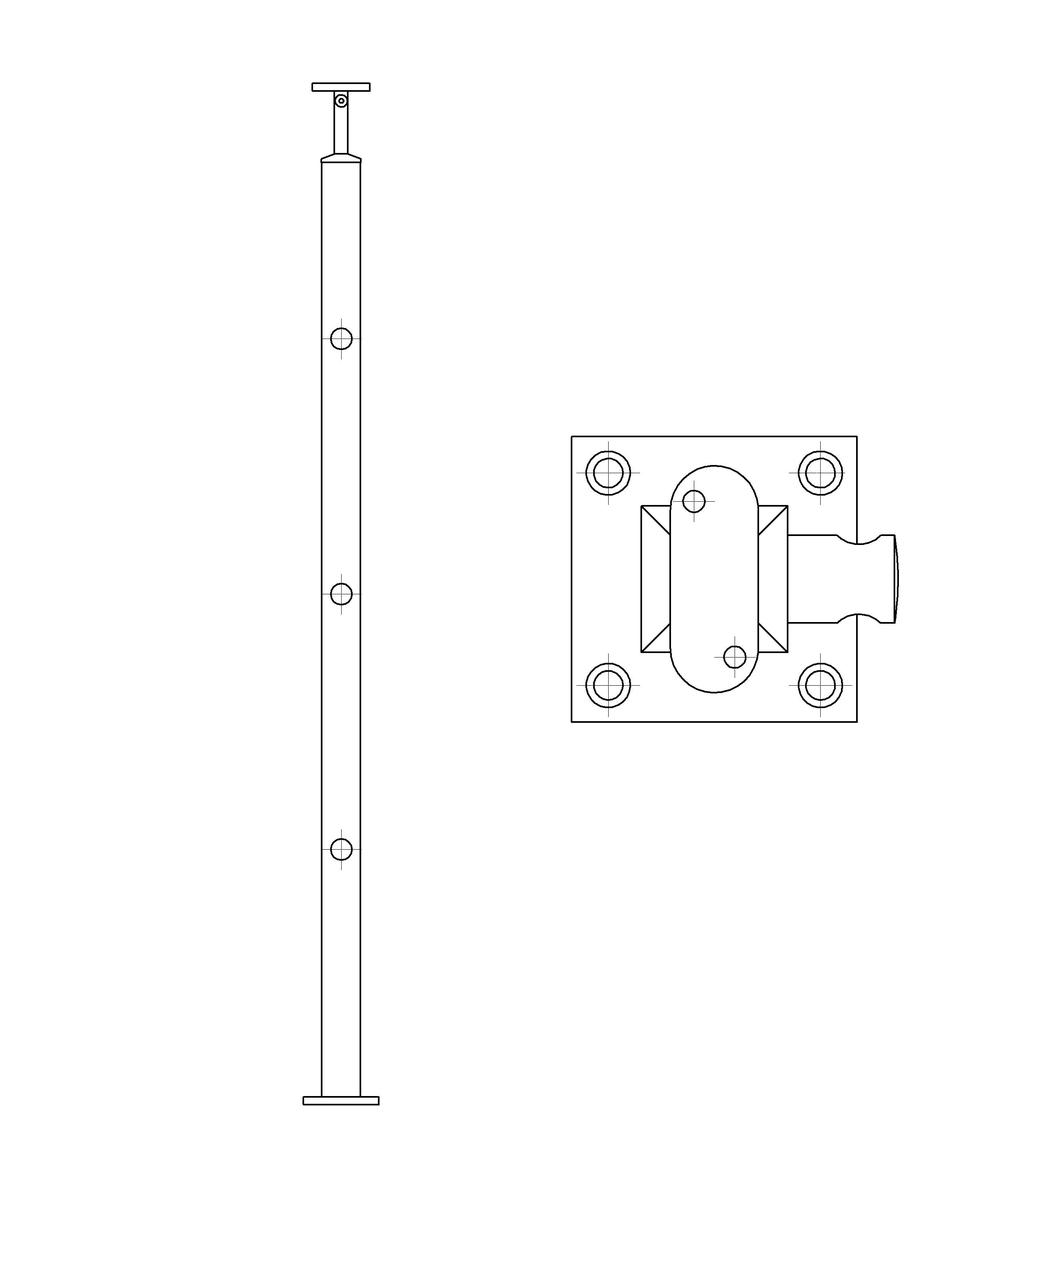 ODF-20-01-01-H1060 Стойка под ригельное наполнение с 3-мя регедержателями и круглый поручень